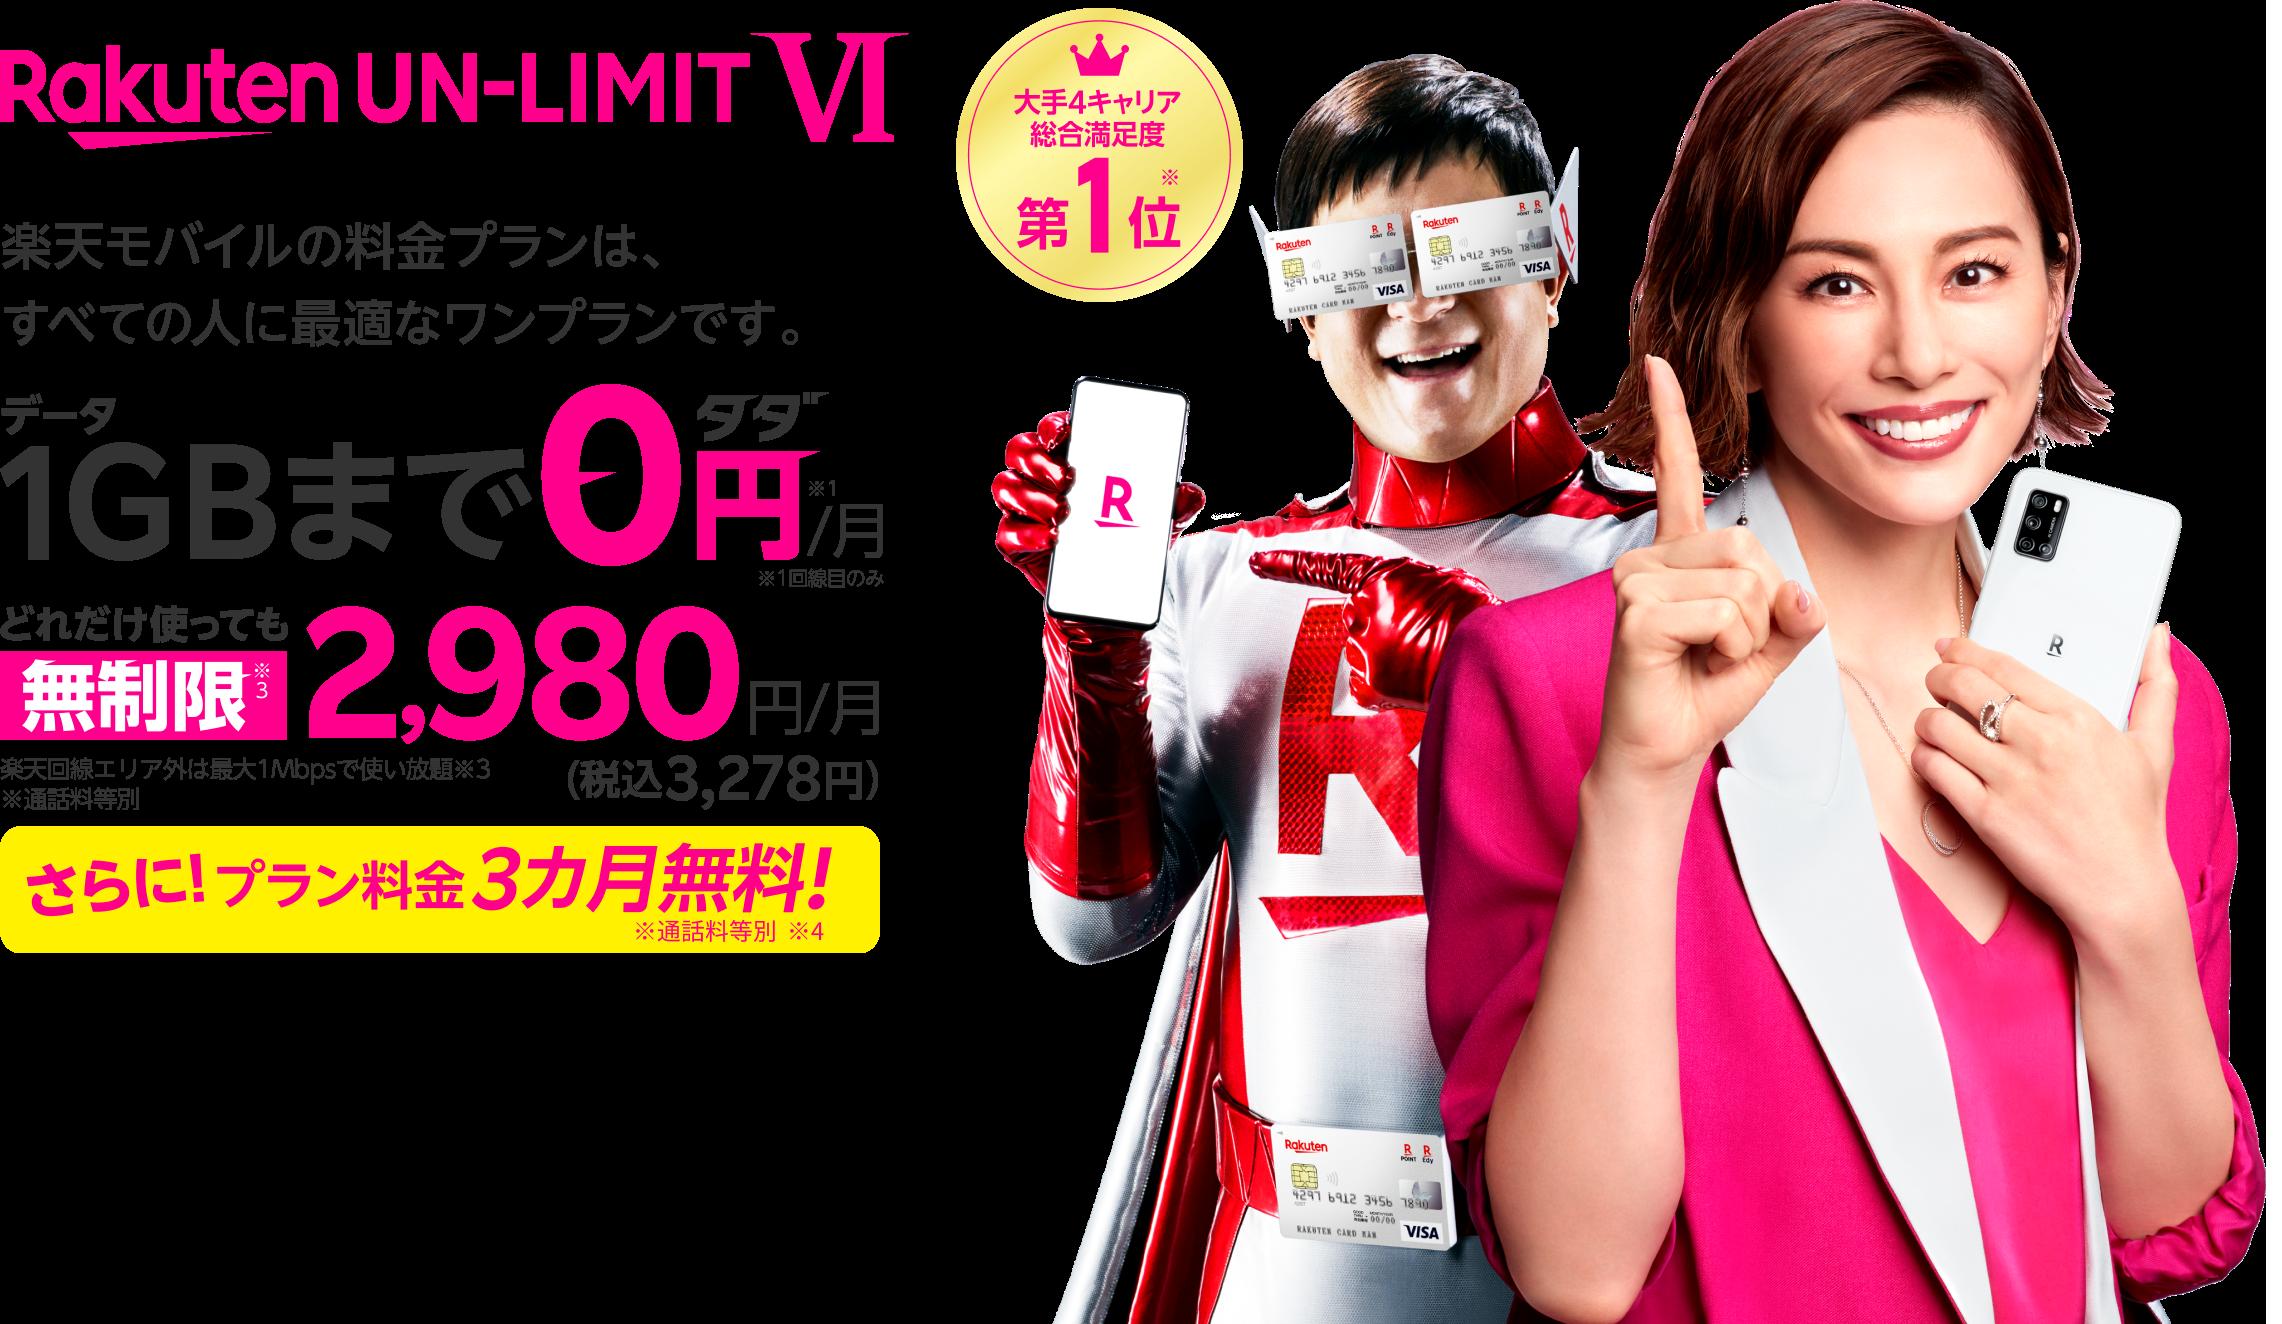 Rakuten UN-LIMIT VI 楽天モバイルの料金プランは、すべての人に最適なワンプランです。データ1GBまで0円/月 どれだけ使っても無制限2,980円/月